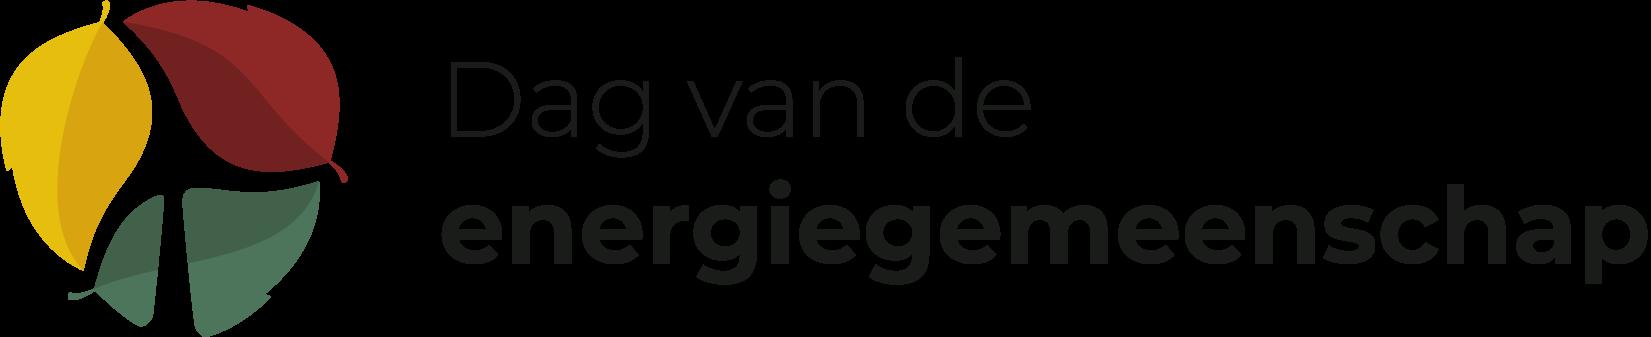 Logo Dag van de energiegemeenschap